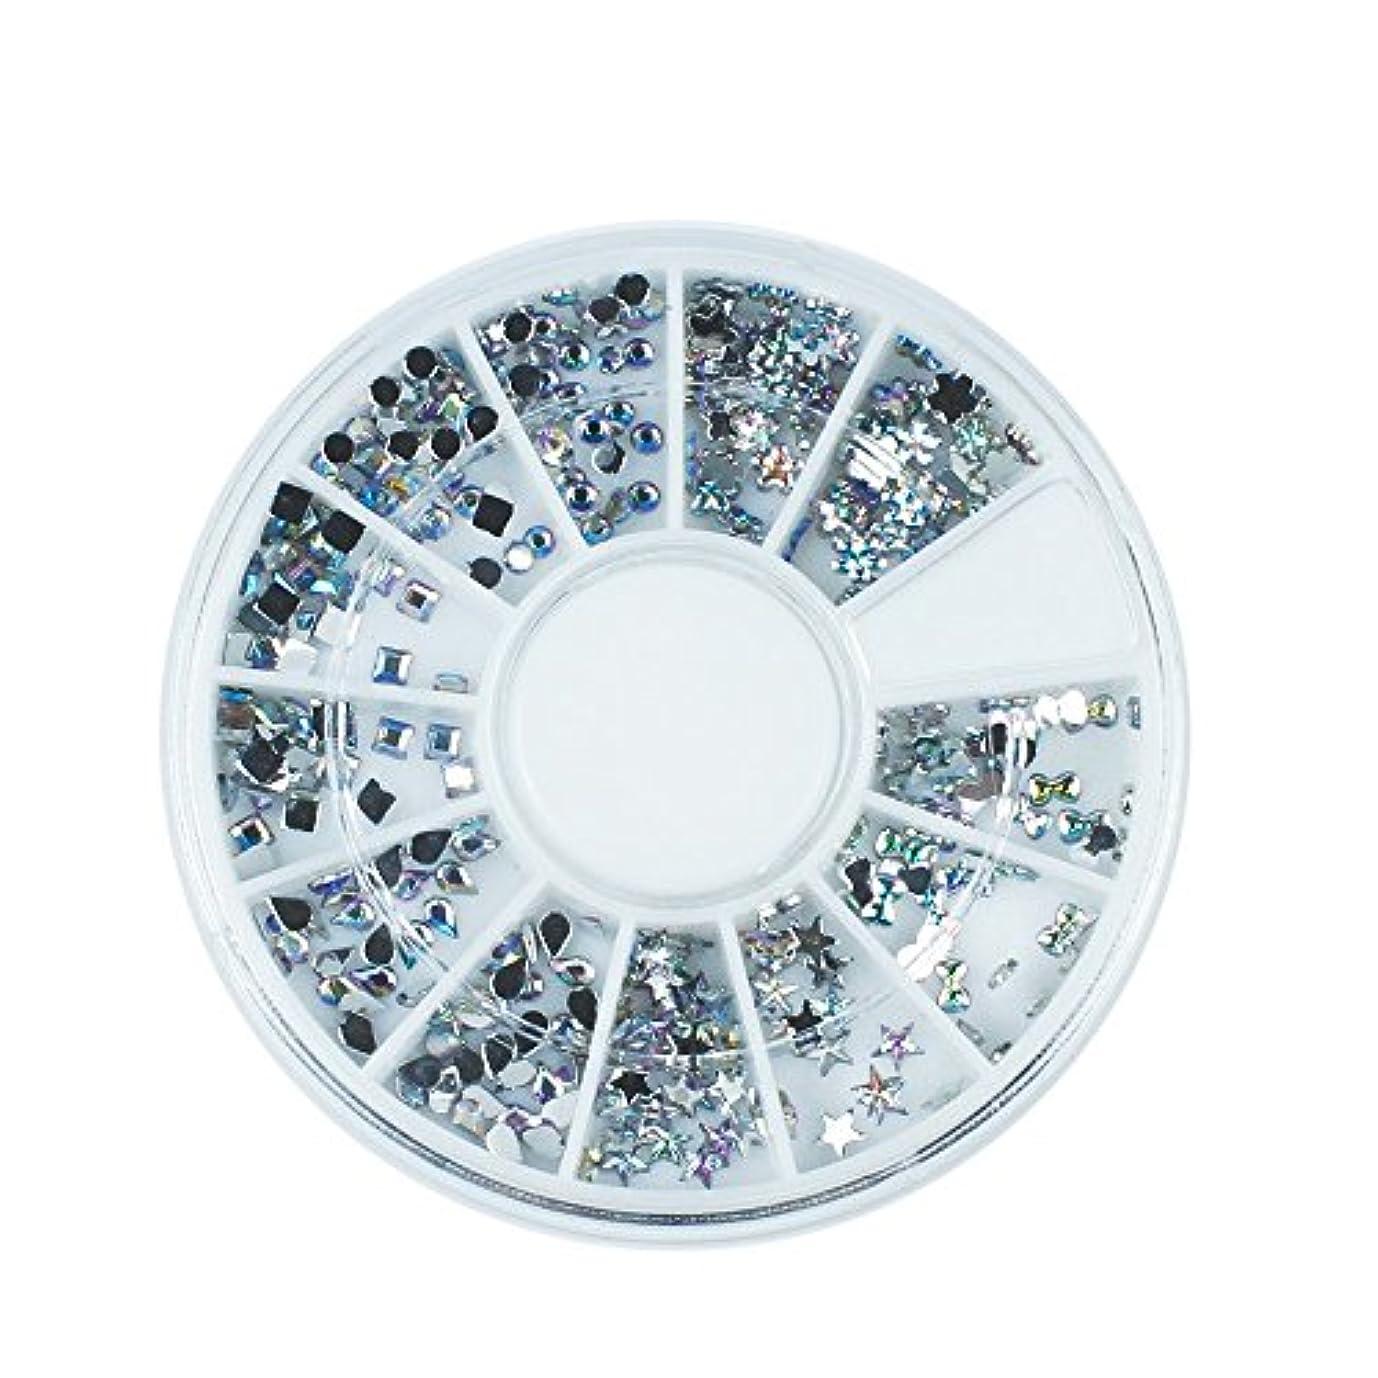 手伝う毒液けん引Artlalic ABレインボーネイルアートスタッズラインストーンキラキラダイヤモンド宝石3D先端石